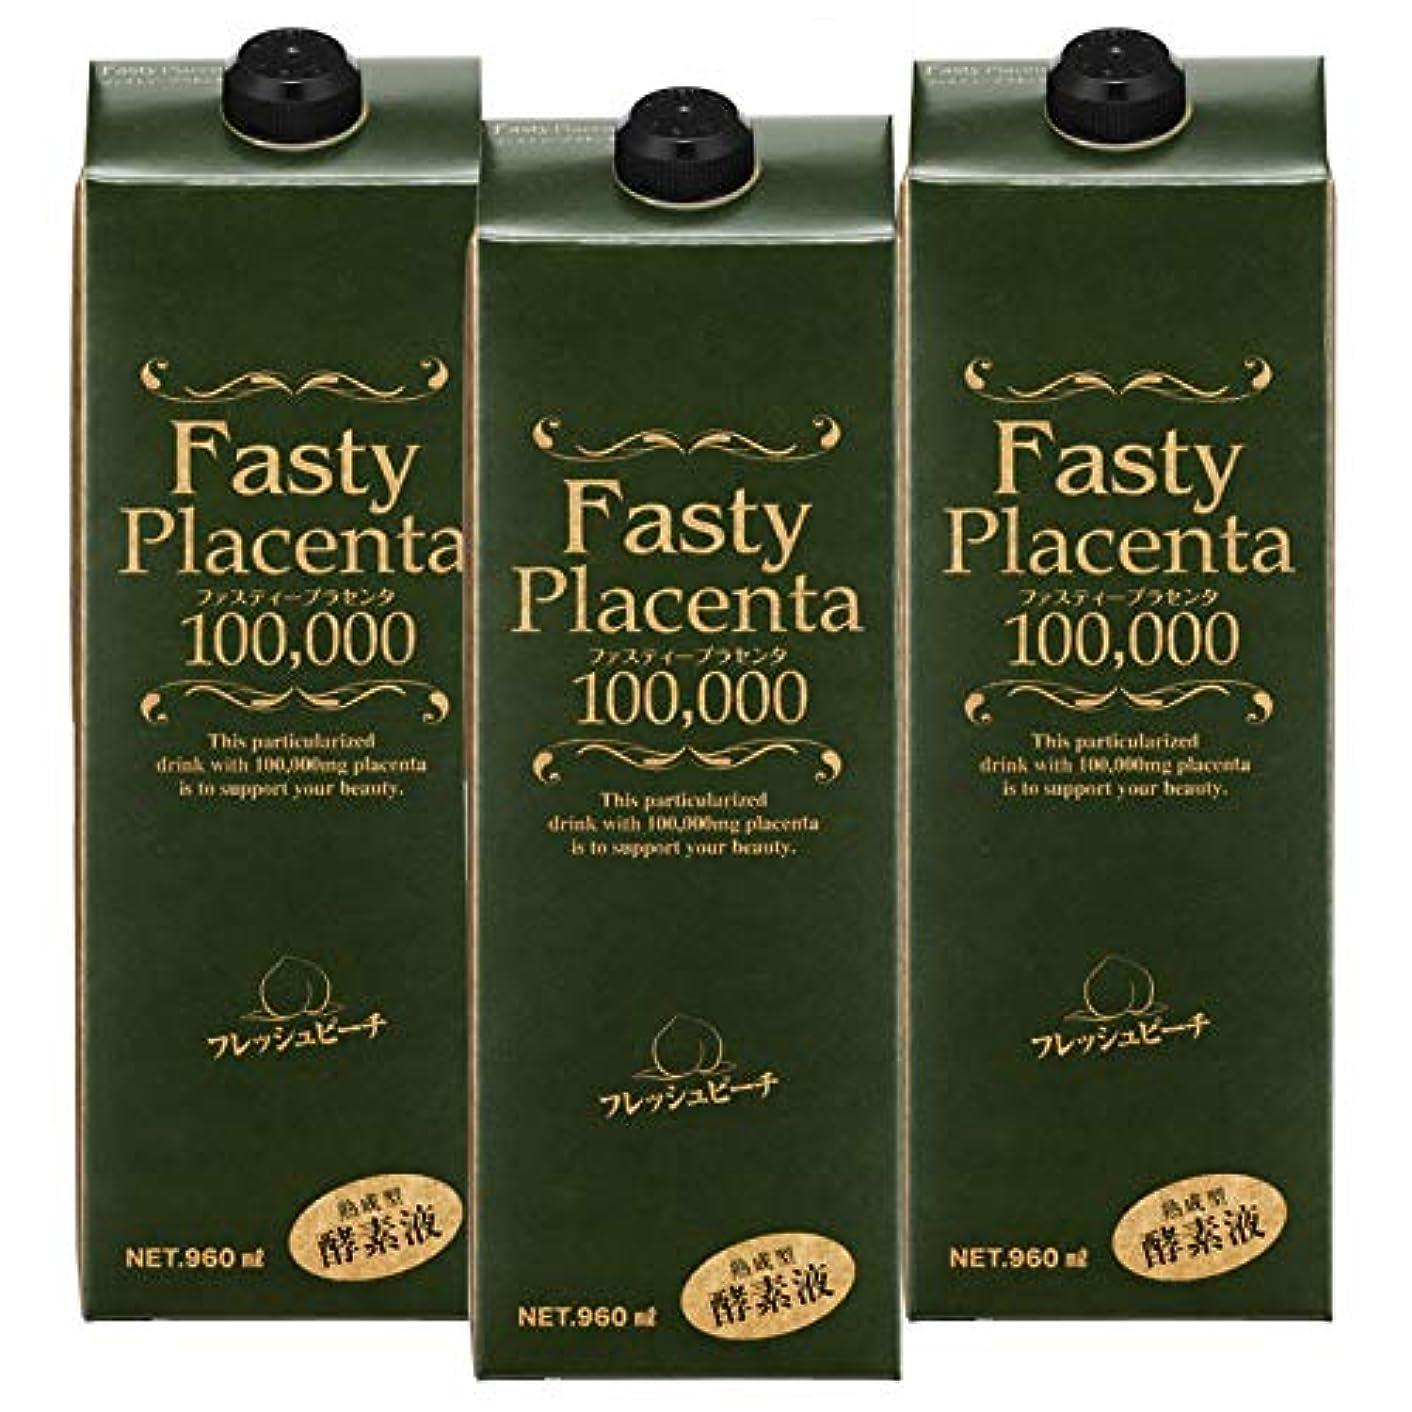 診療所指導するアラブファスティープラセンタ100,000 増量パック(フレッシュピーチ味) 3本